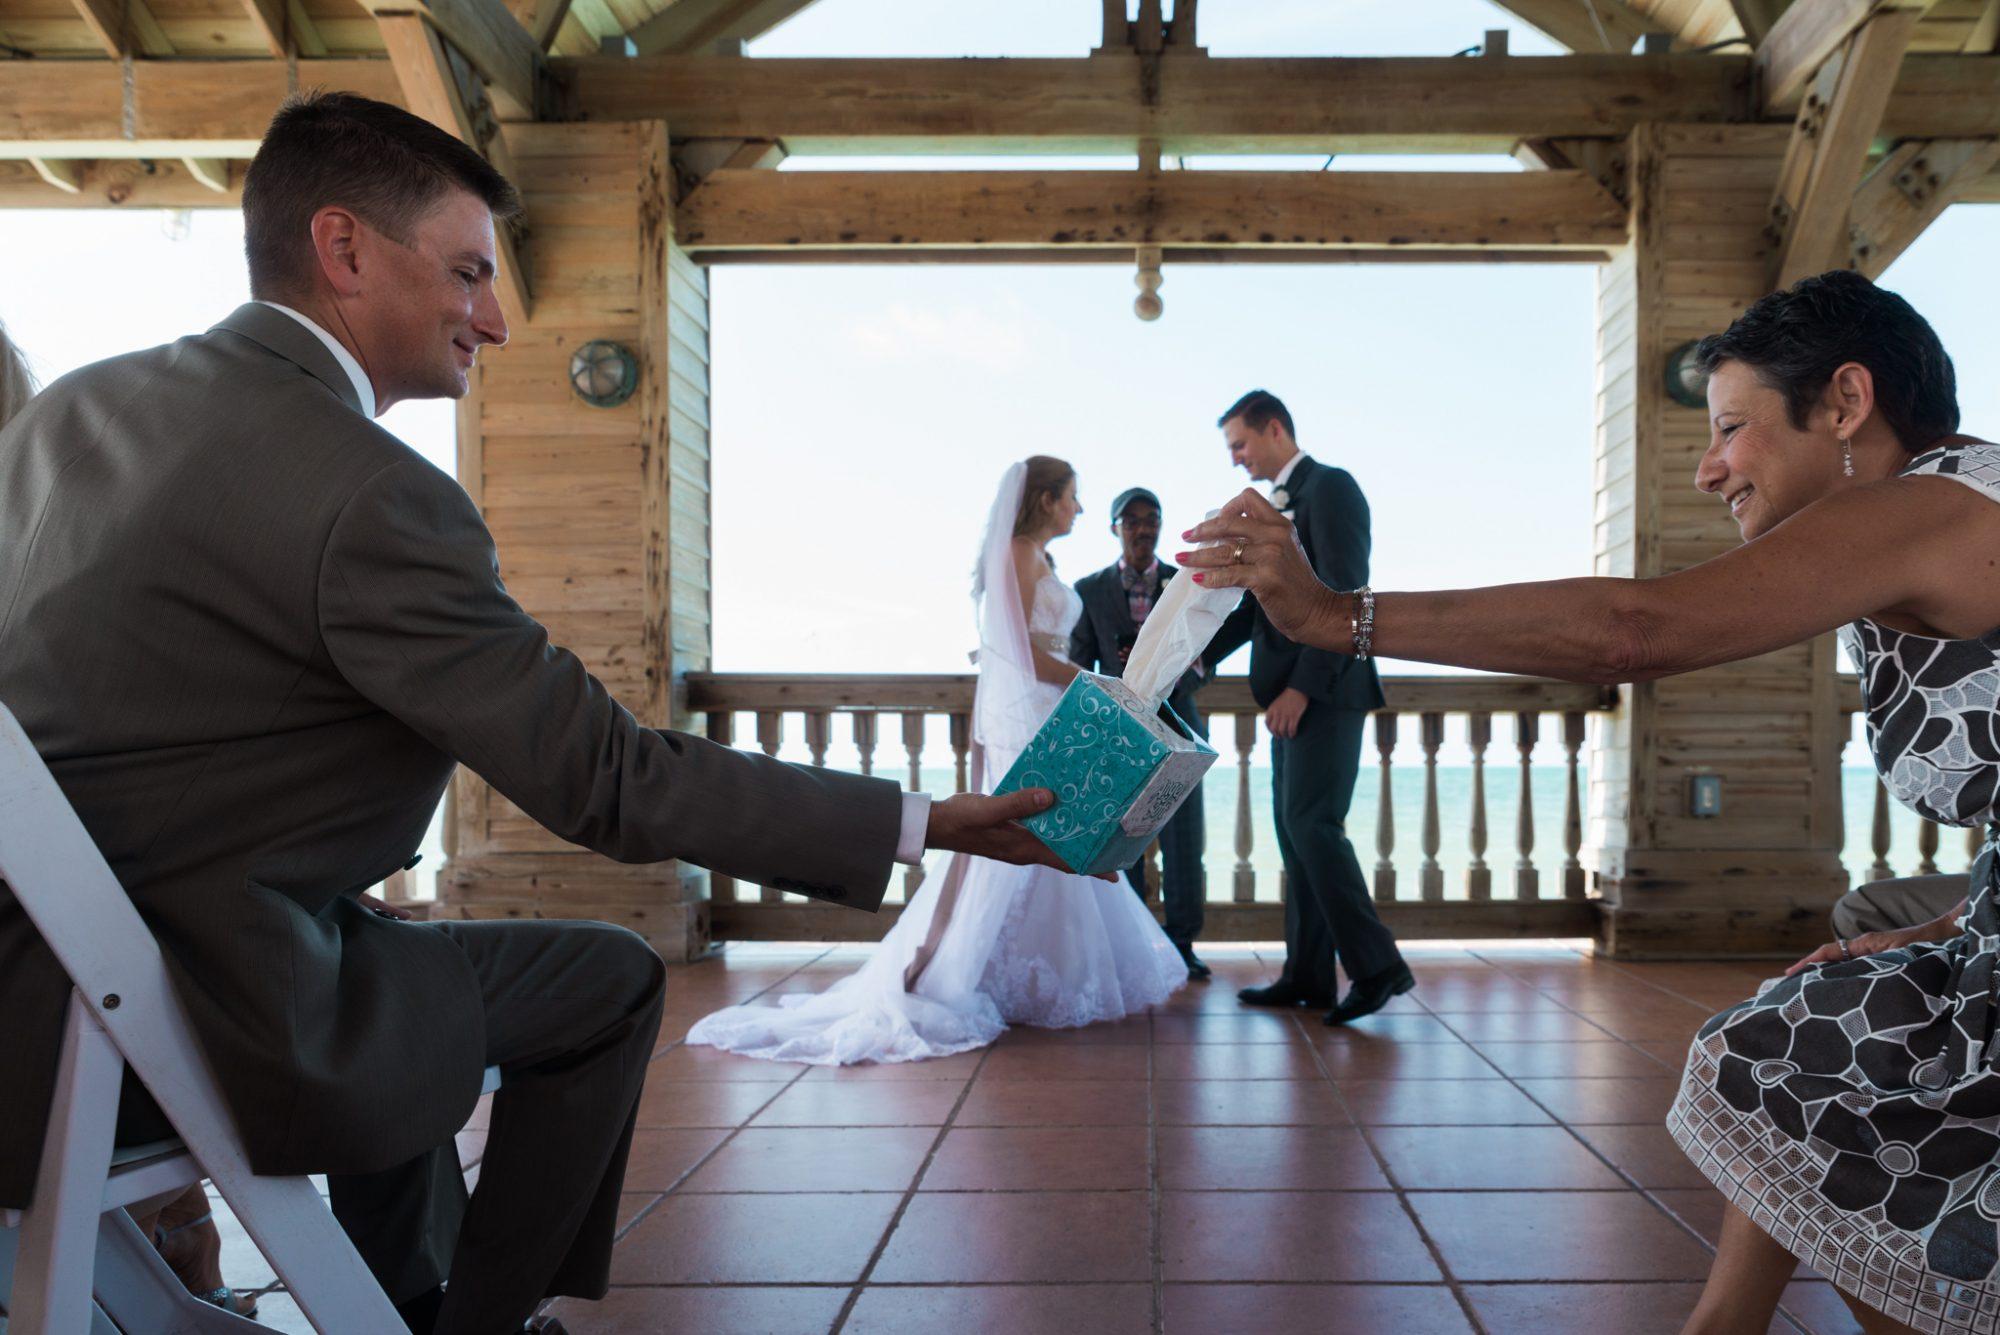 Stacey Jason Key West Wedding Photographer Reach Resort 19 - A Wedding Photographer in Key West - 2016 in Review